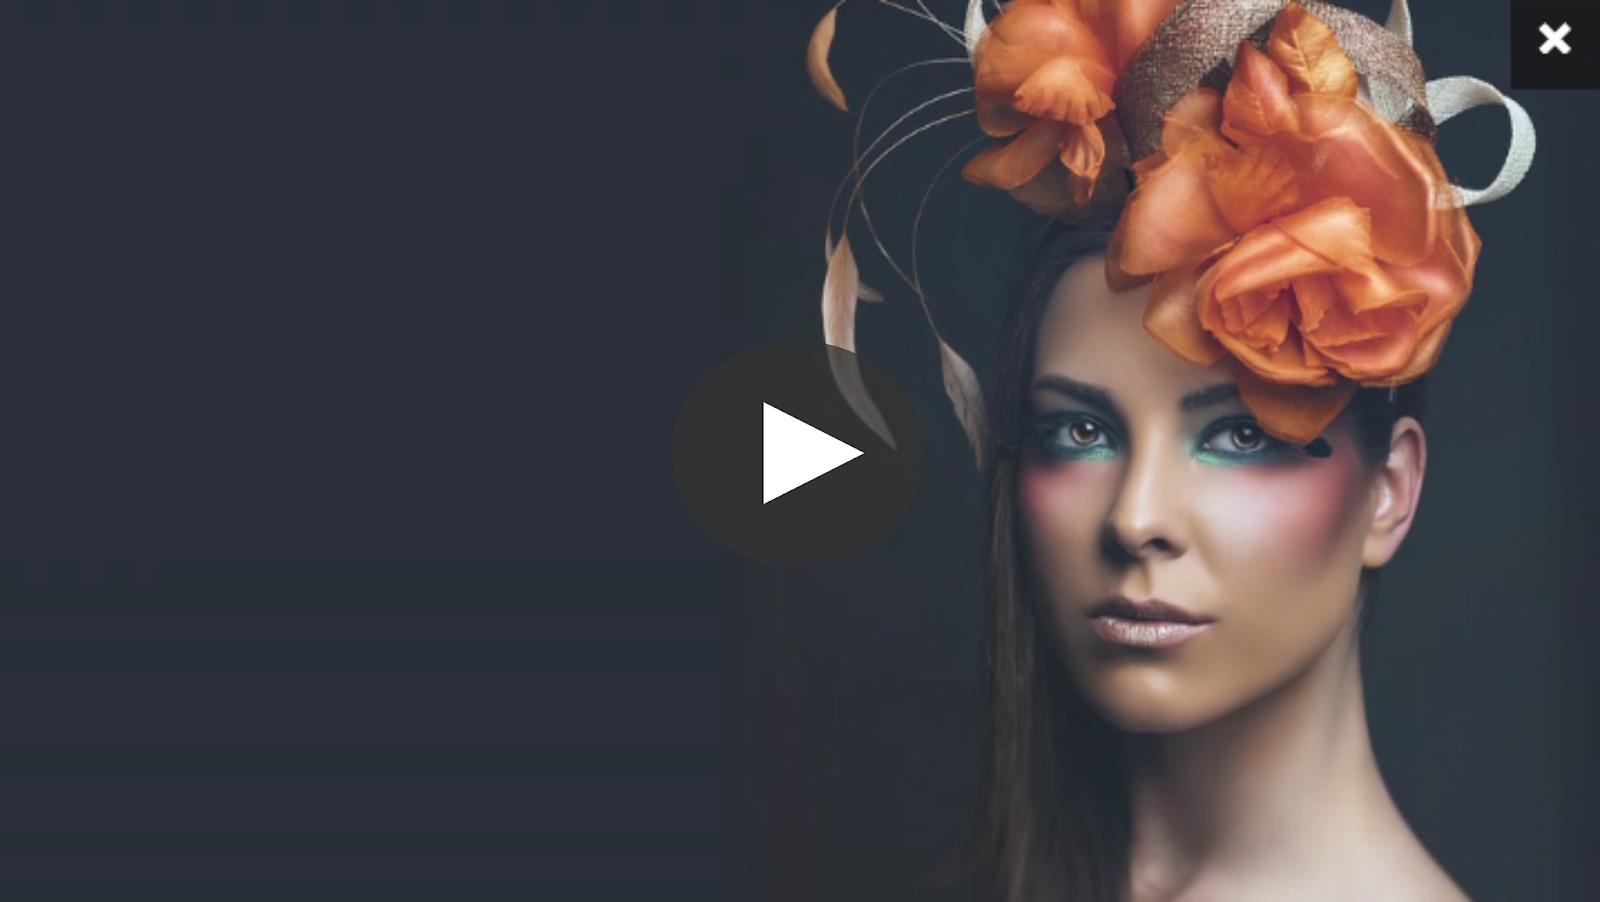 Curso de Retoque fotográfico de moda y belleza con Photoshop